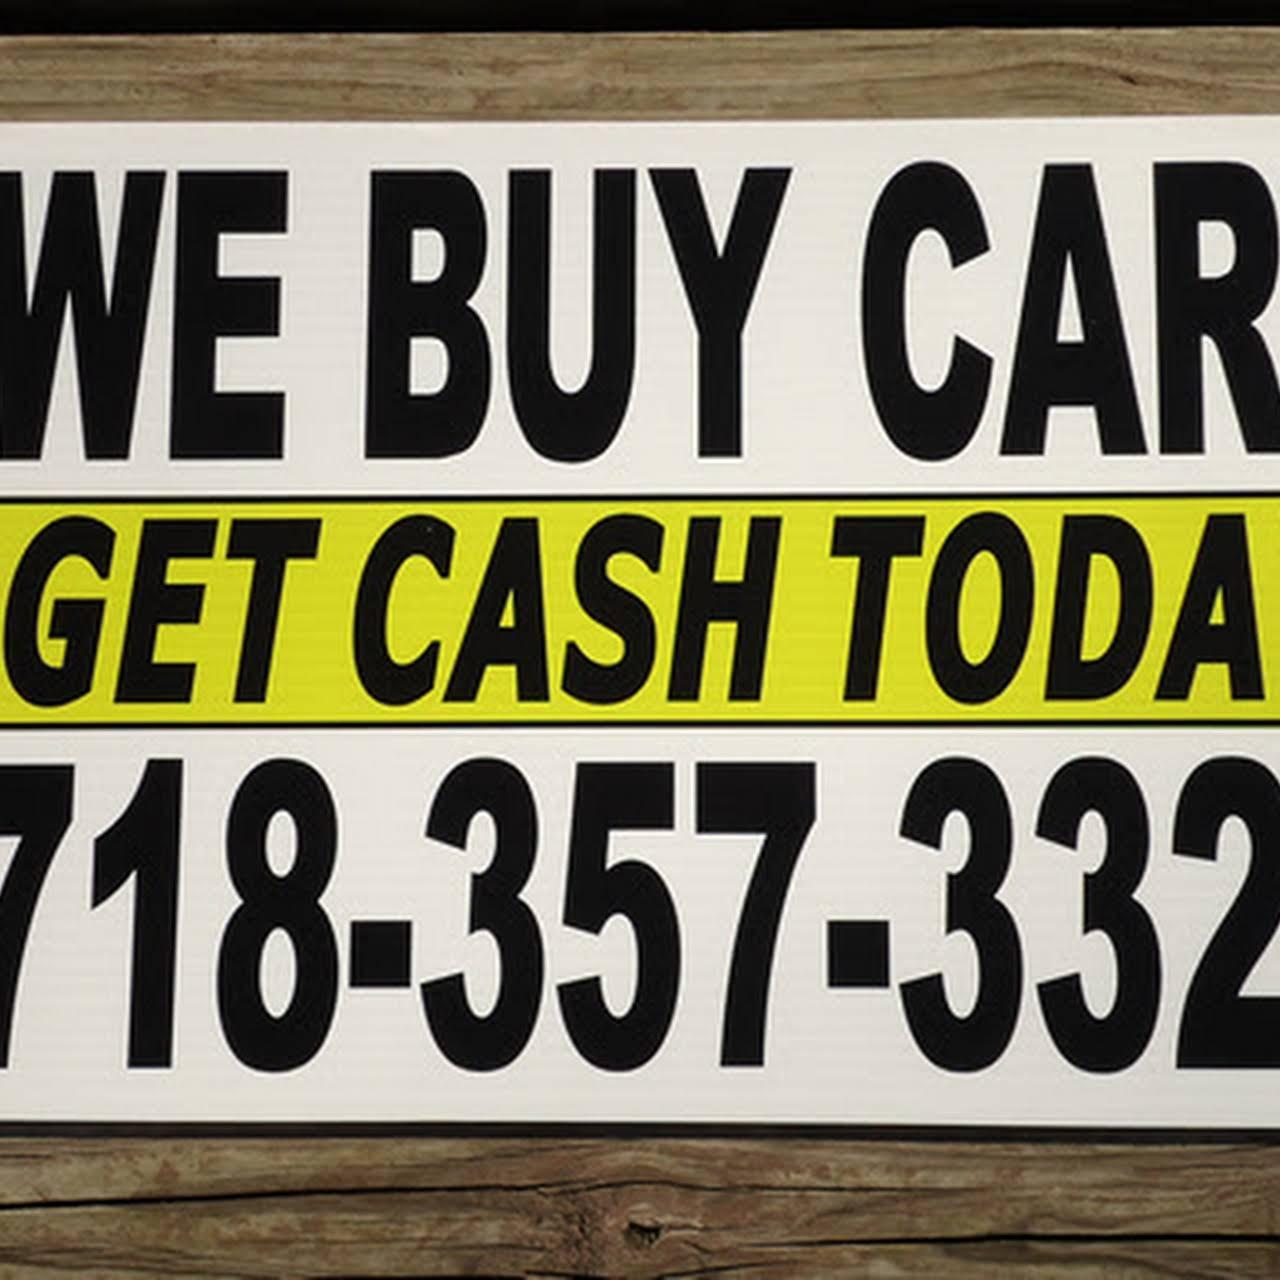 We Buy Cars - Used Car Dealer in Queens